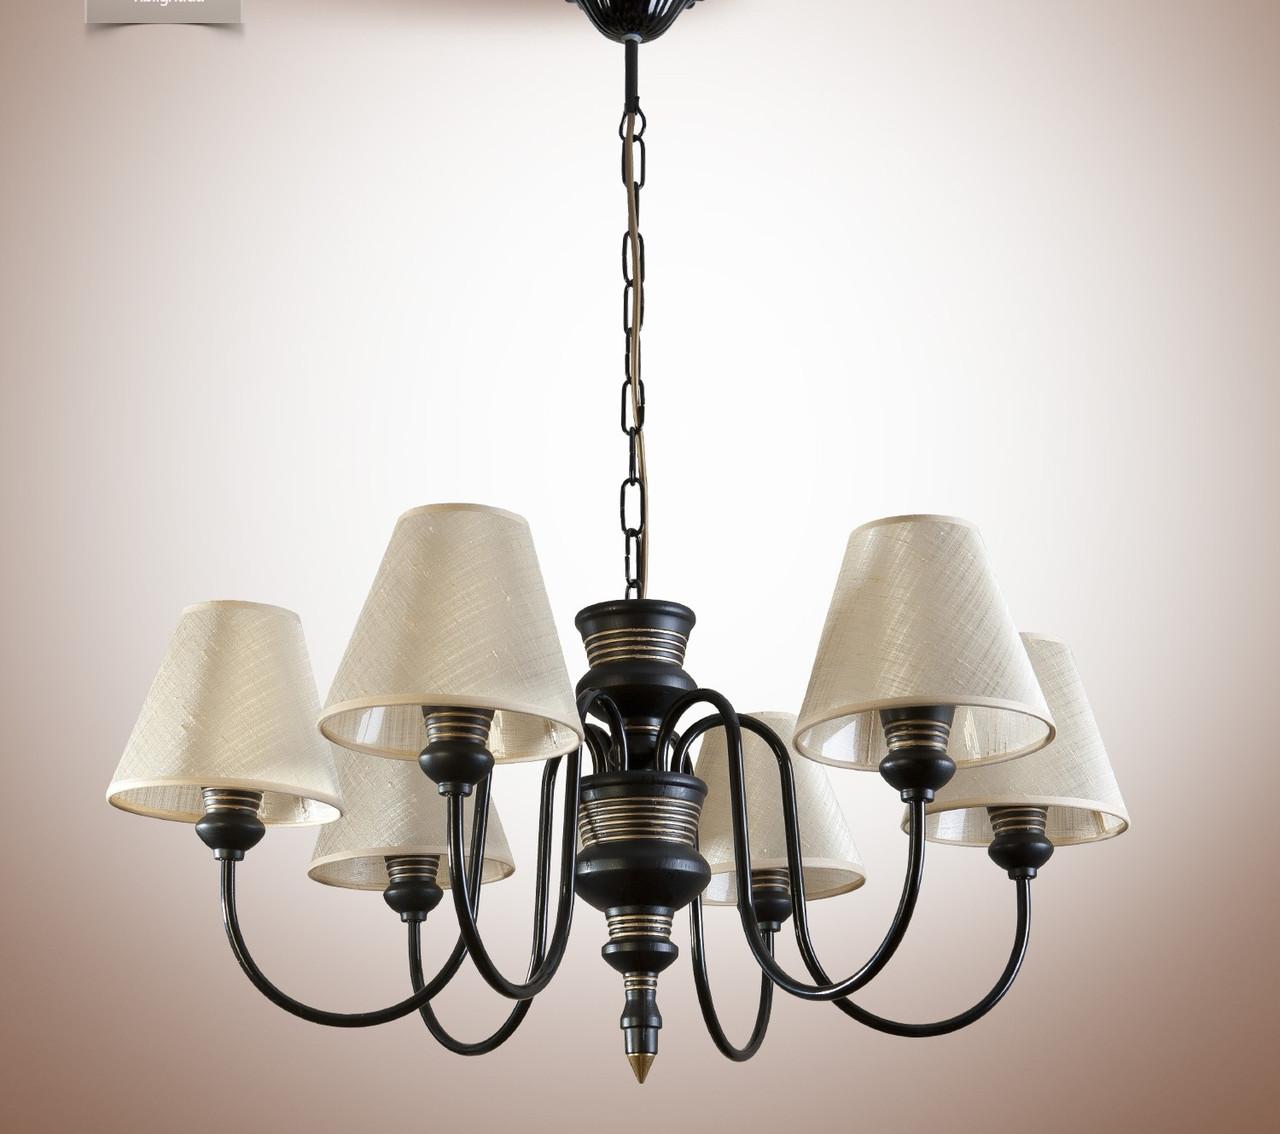 Люстра для зала, 6-ти ламповая с абажурами 14406